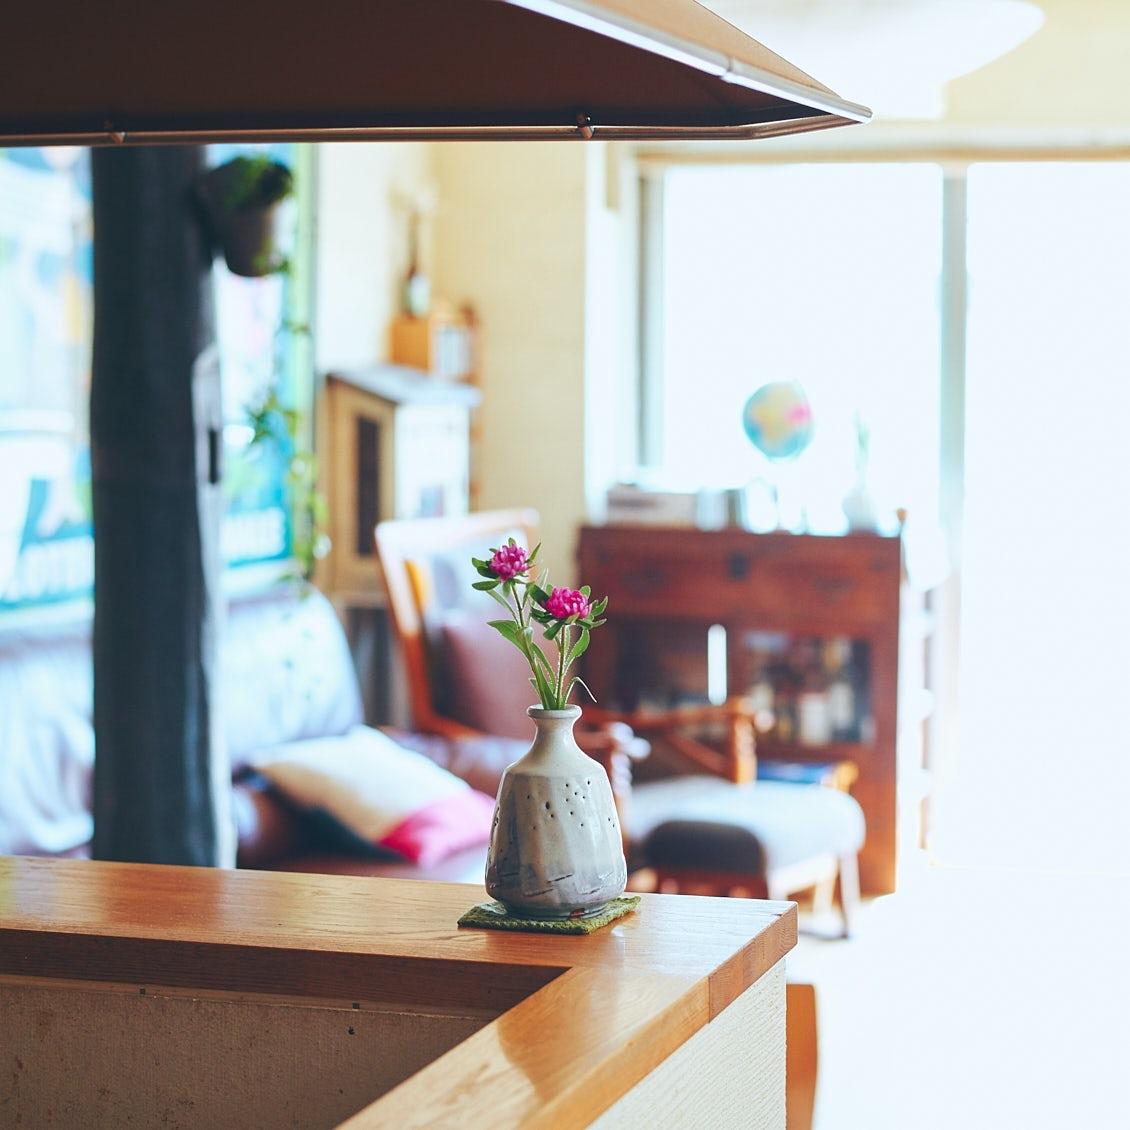 """【花をもっと身近に】1日1本、お店で受け取る。花が""""日常""""になる新習慣"""